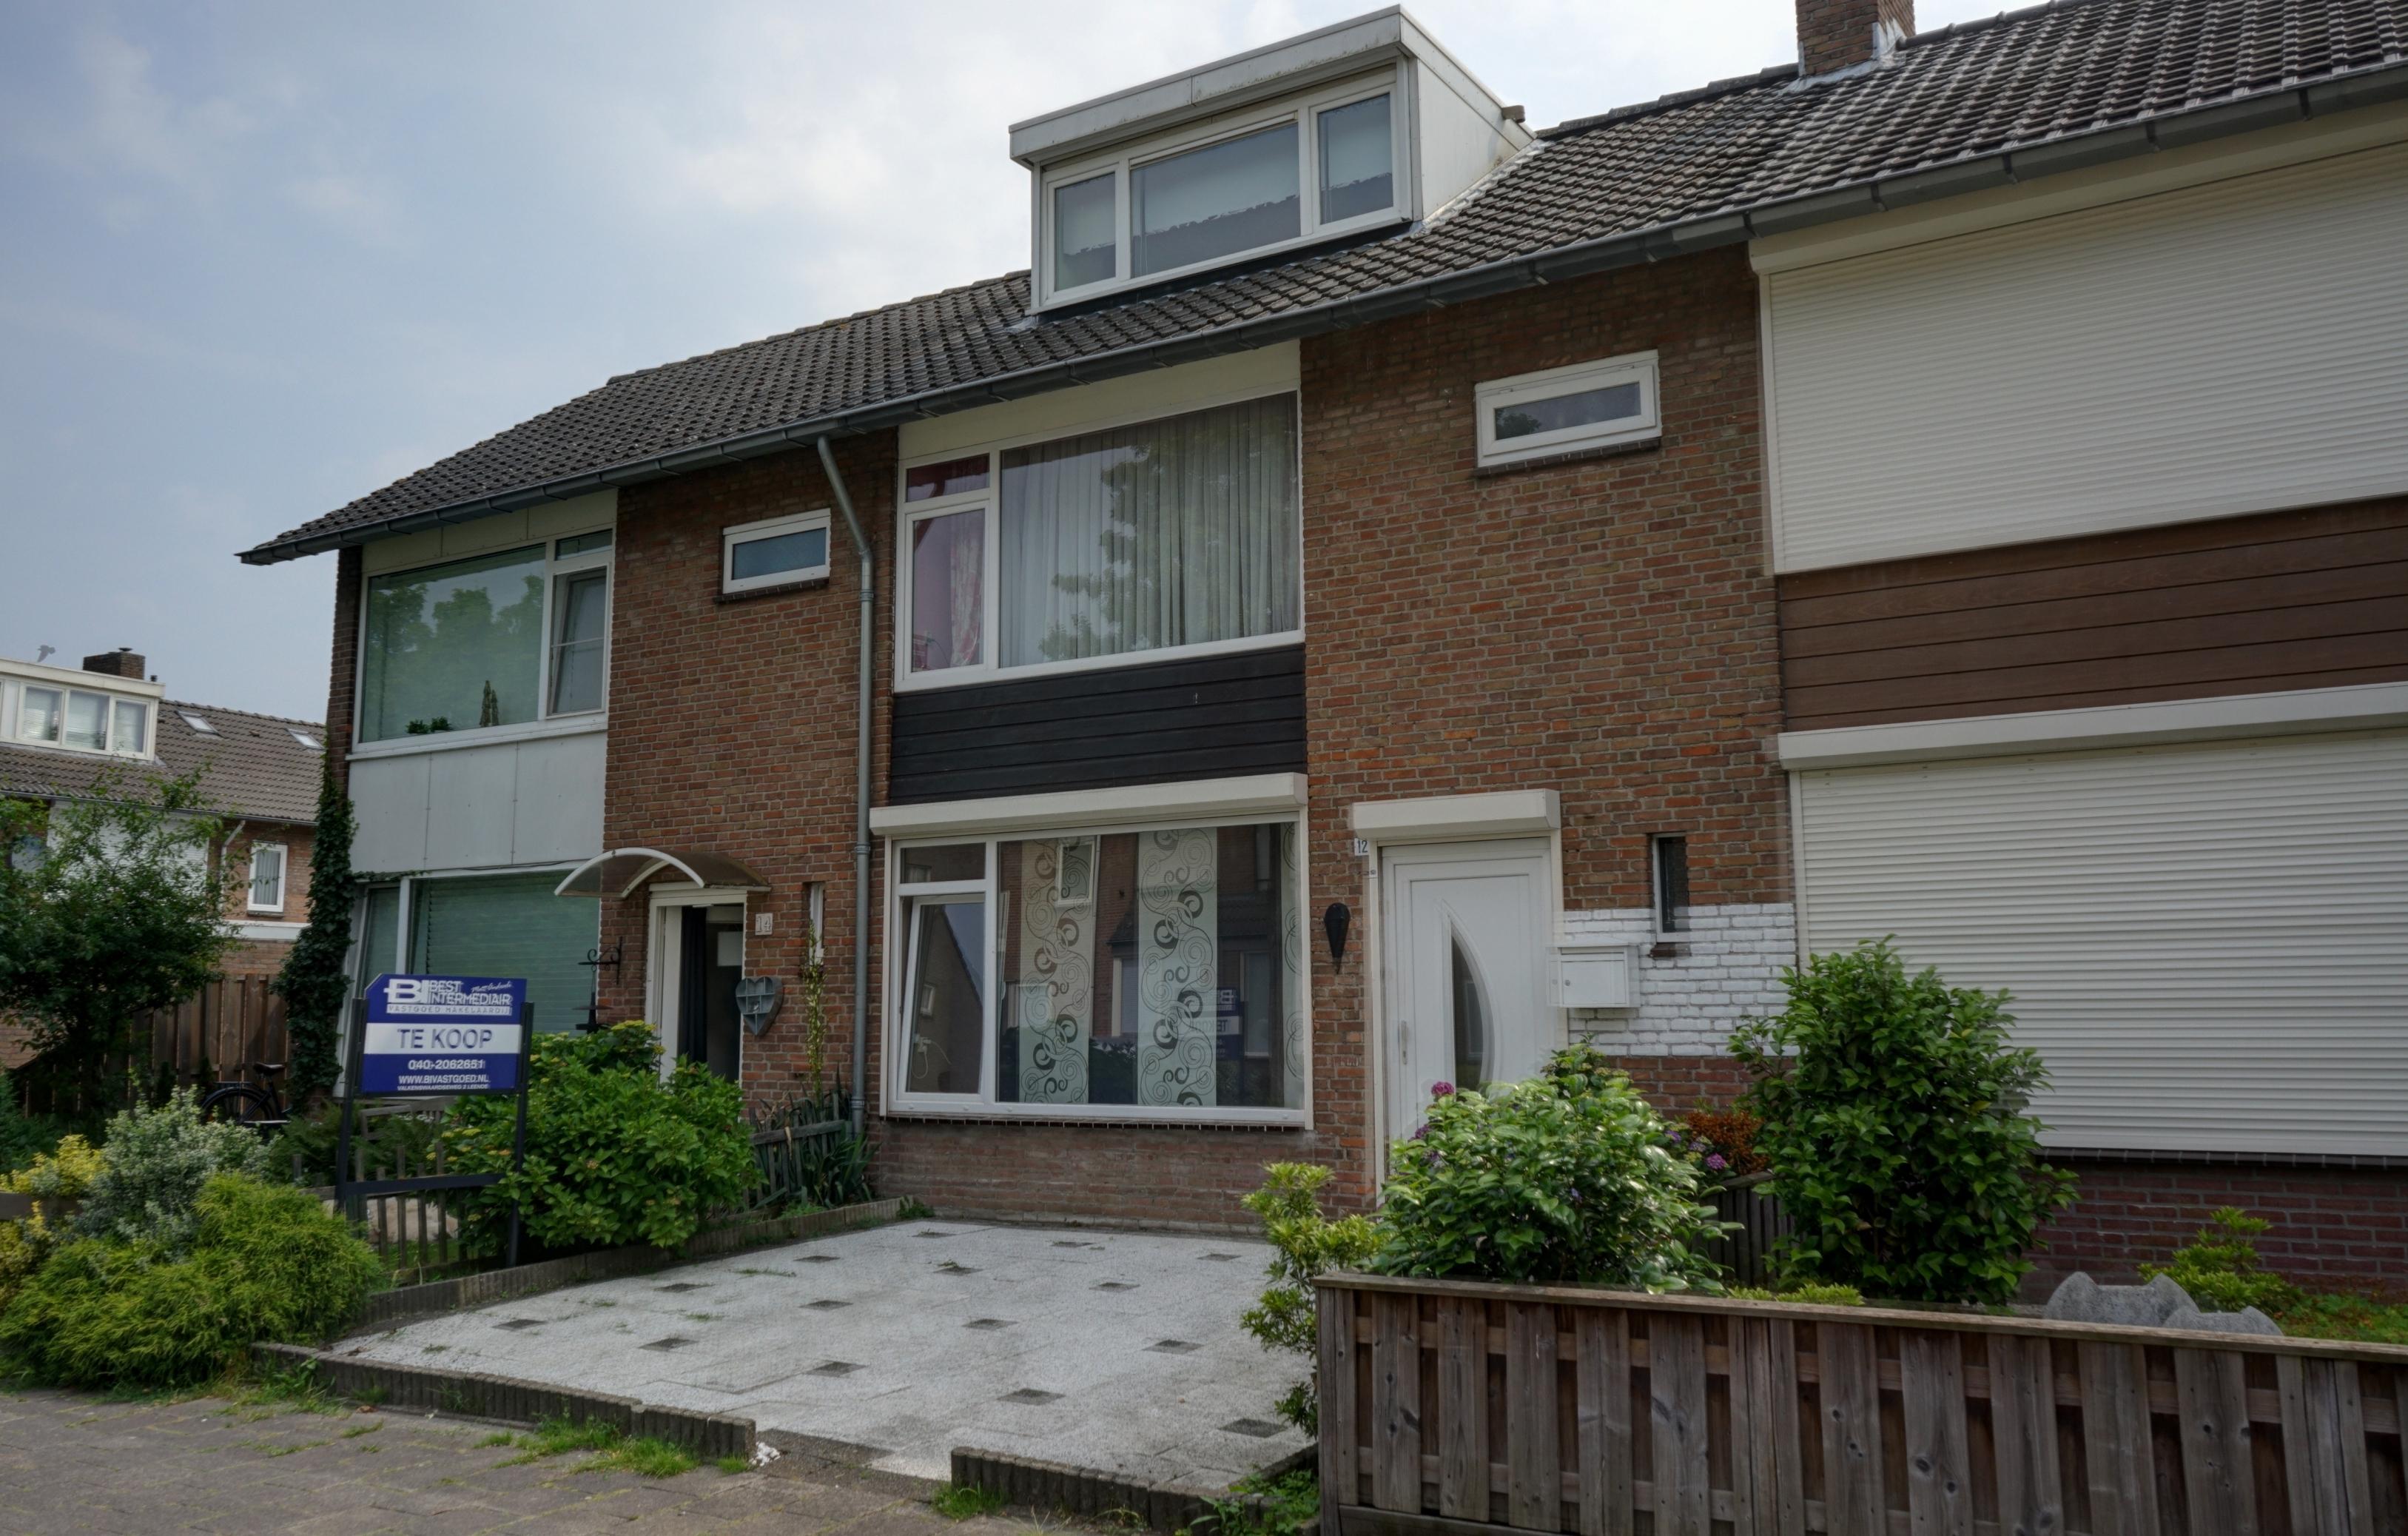 For sale: Generaal van Merlenstraat 12, 5623 GC Eindhoven  BIEDEN VANAF